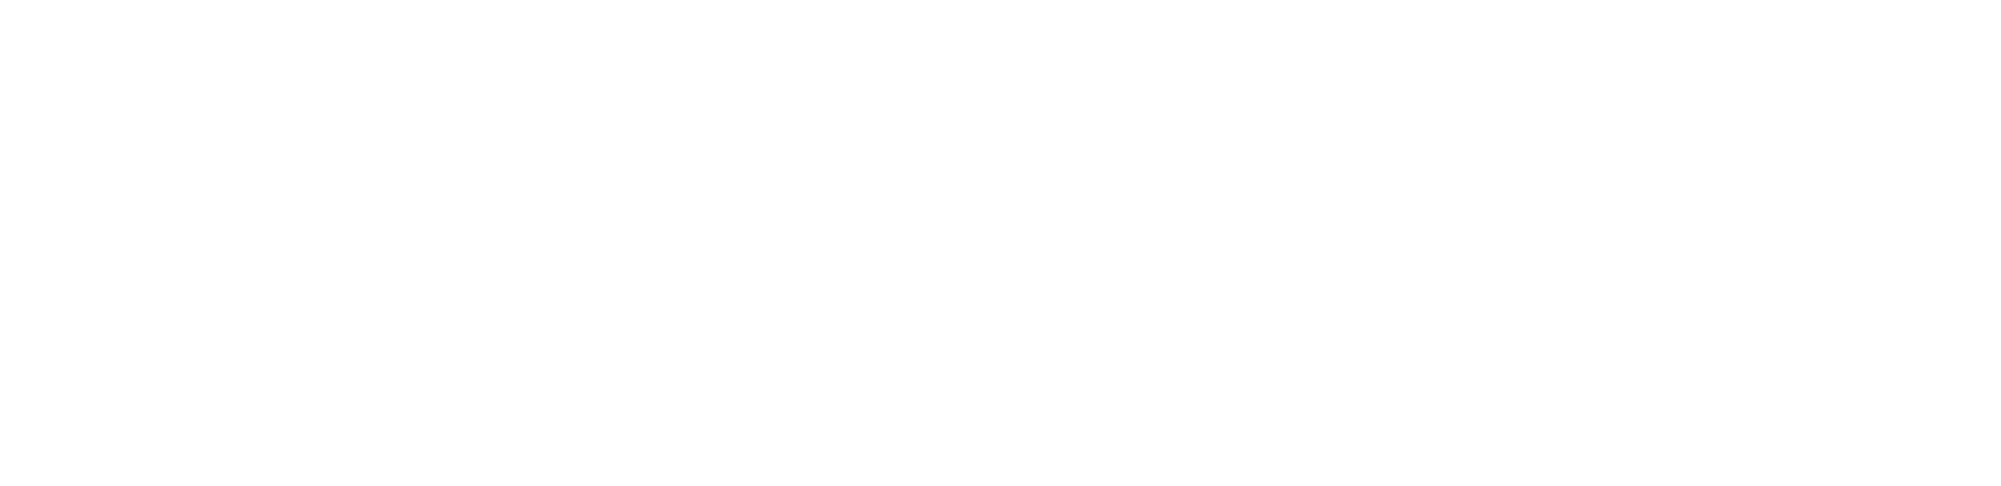 Azim.Design